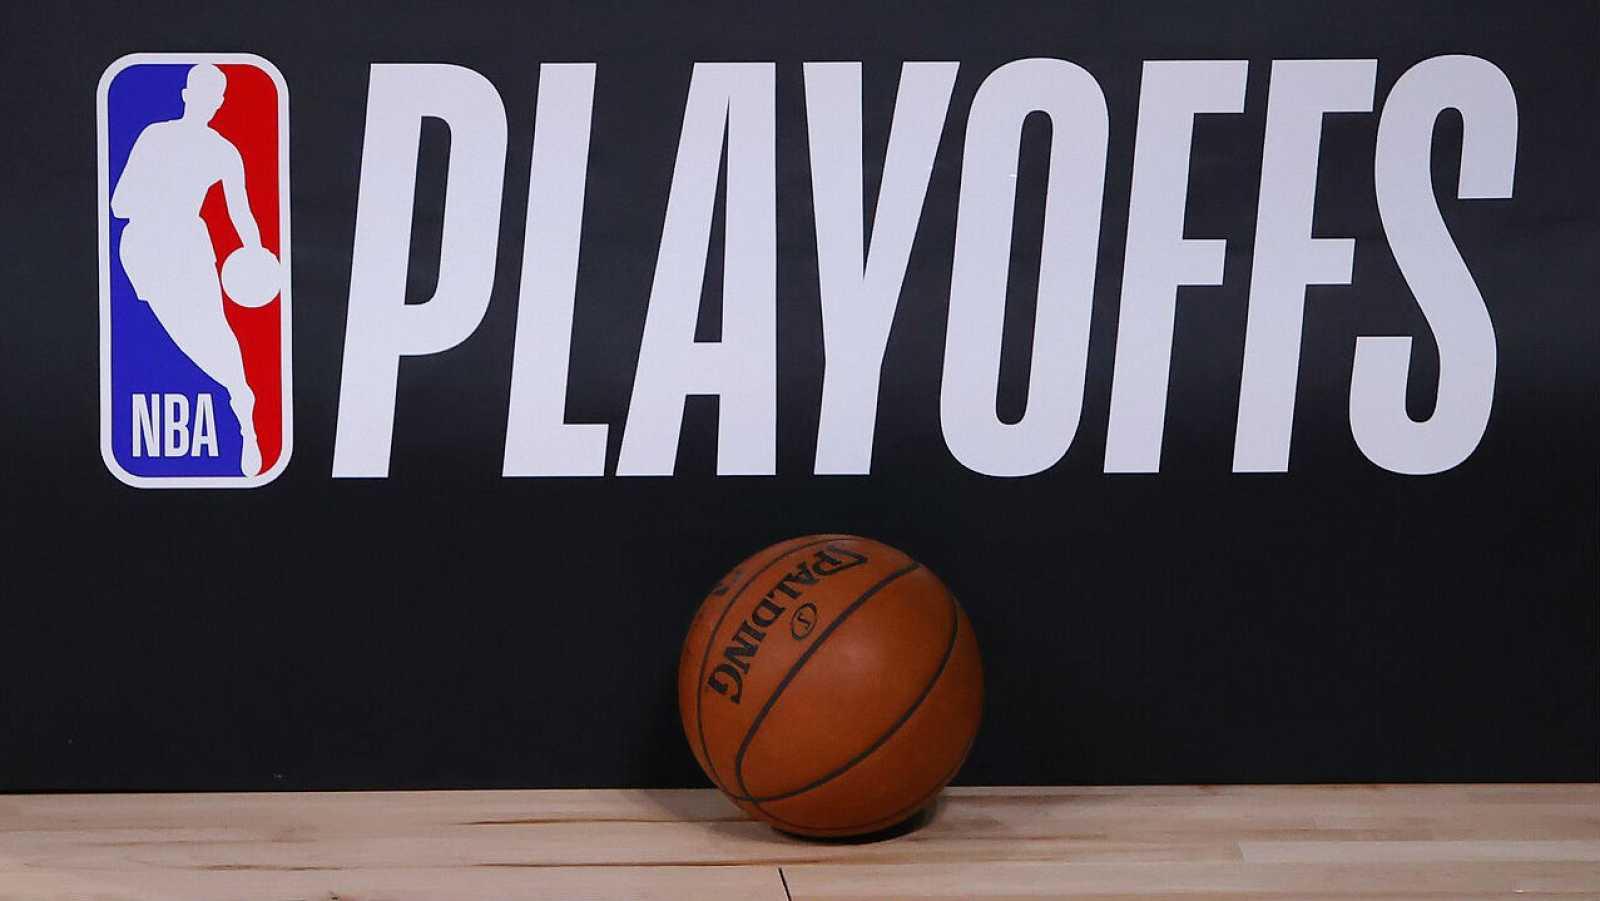 Una pelota de baloncesto se encuentra junto al logotipo de los Playoffs de la NBA.